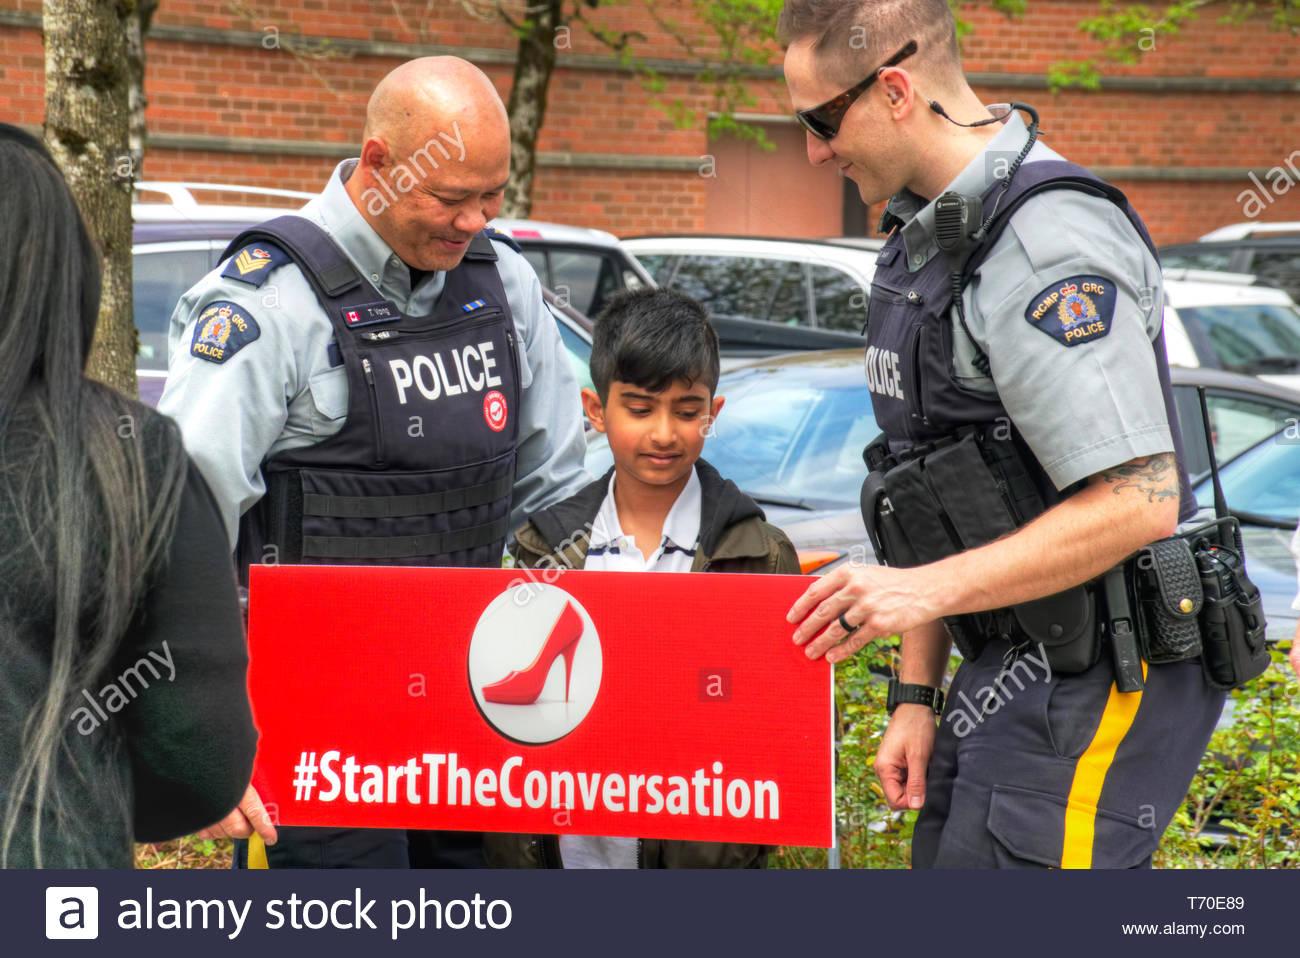 Oficiales de la Real Policía Montada del Canadá y pre-adolescentes varones sosteniendo un signo rojo con una imagen de un zapato de tacón alto rojo #StartTheConversation de lectura para la igualdad de género. Imagen De Stock